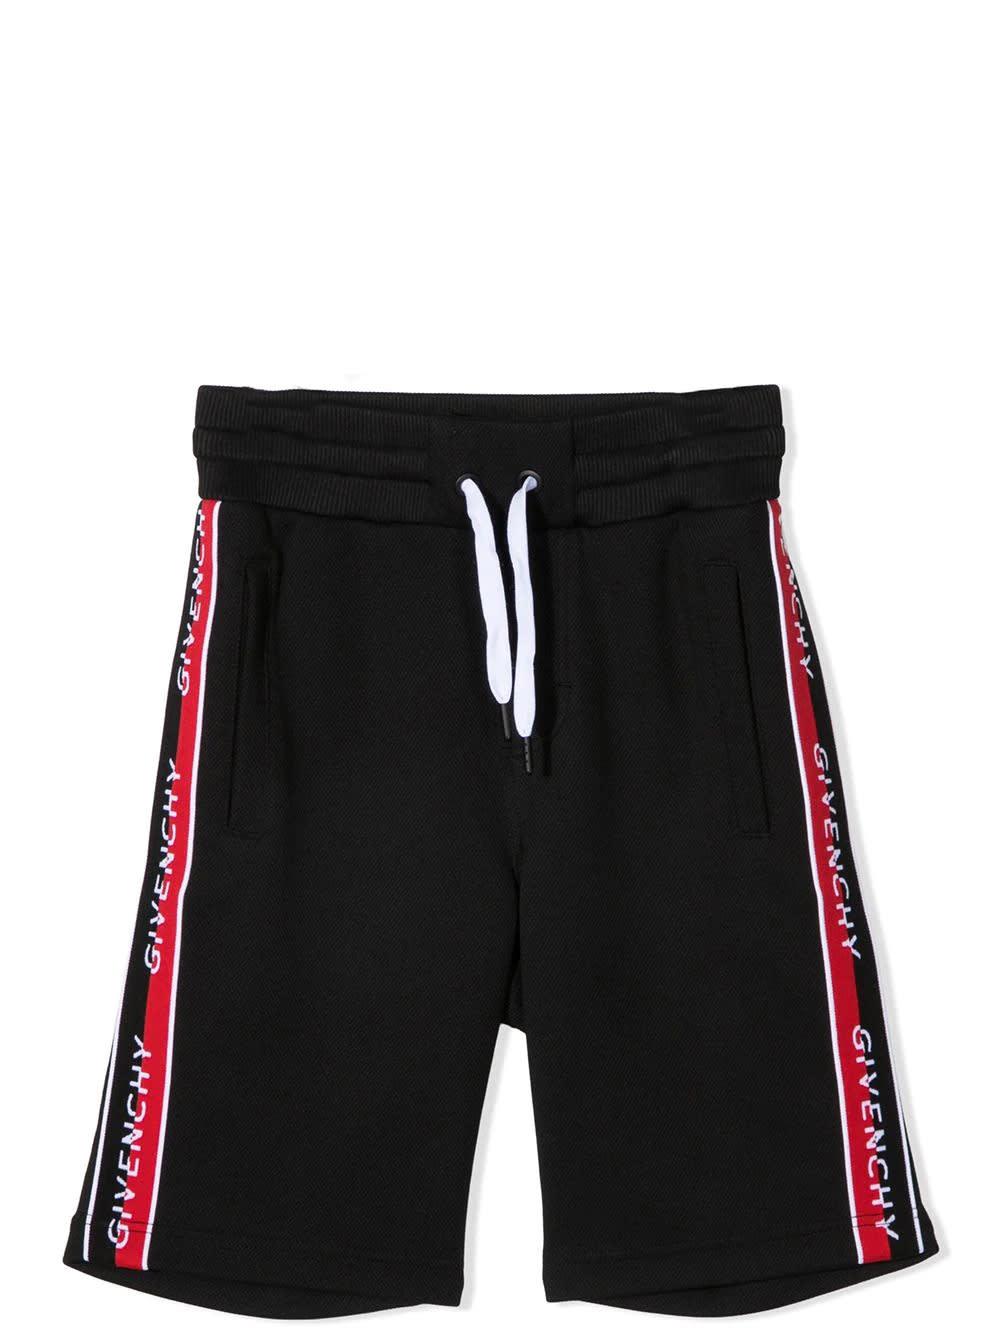 Givenchy Shorts SPORTS SHORTS WITH DRAWSTRING